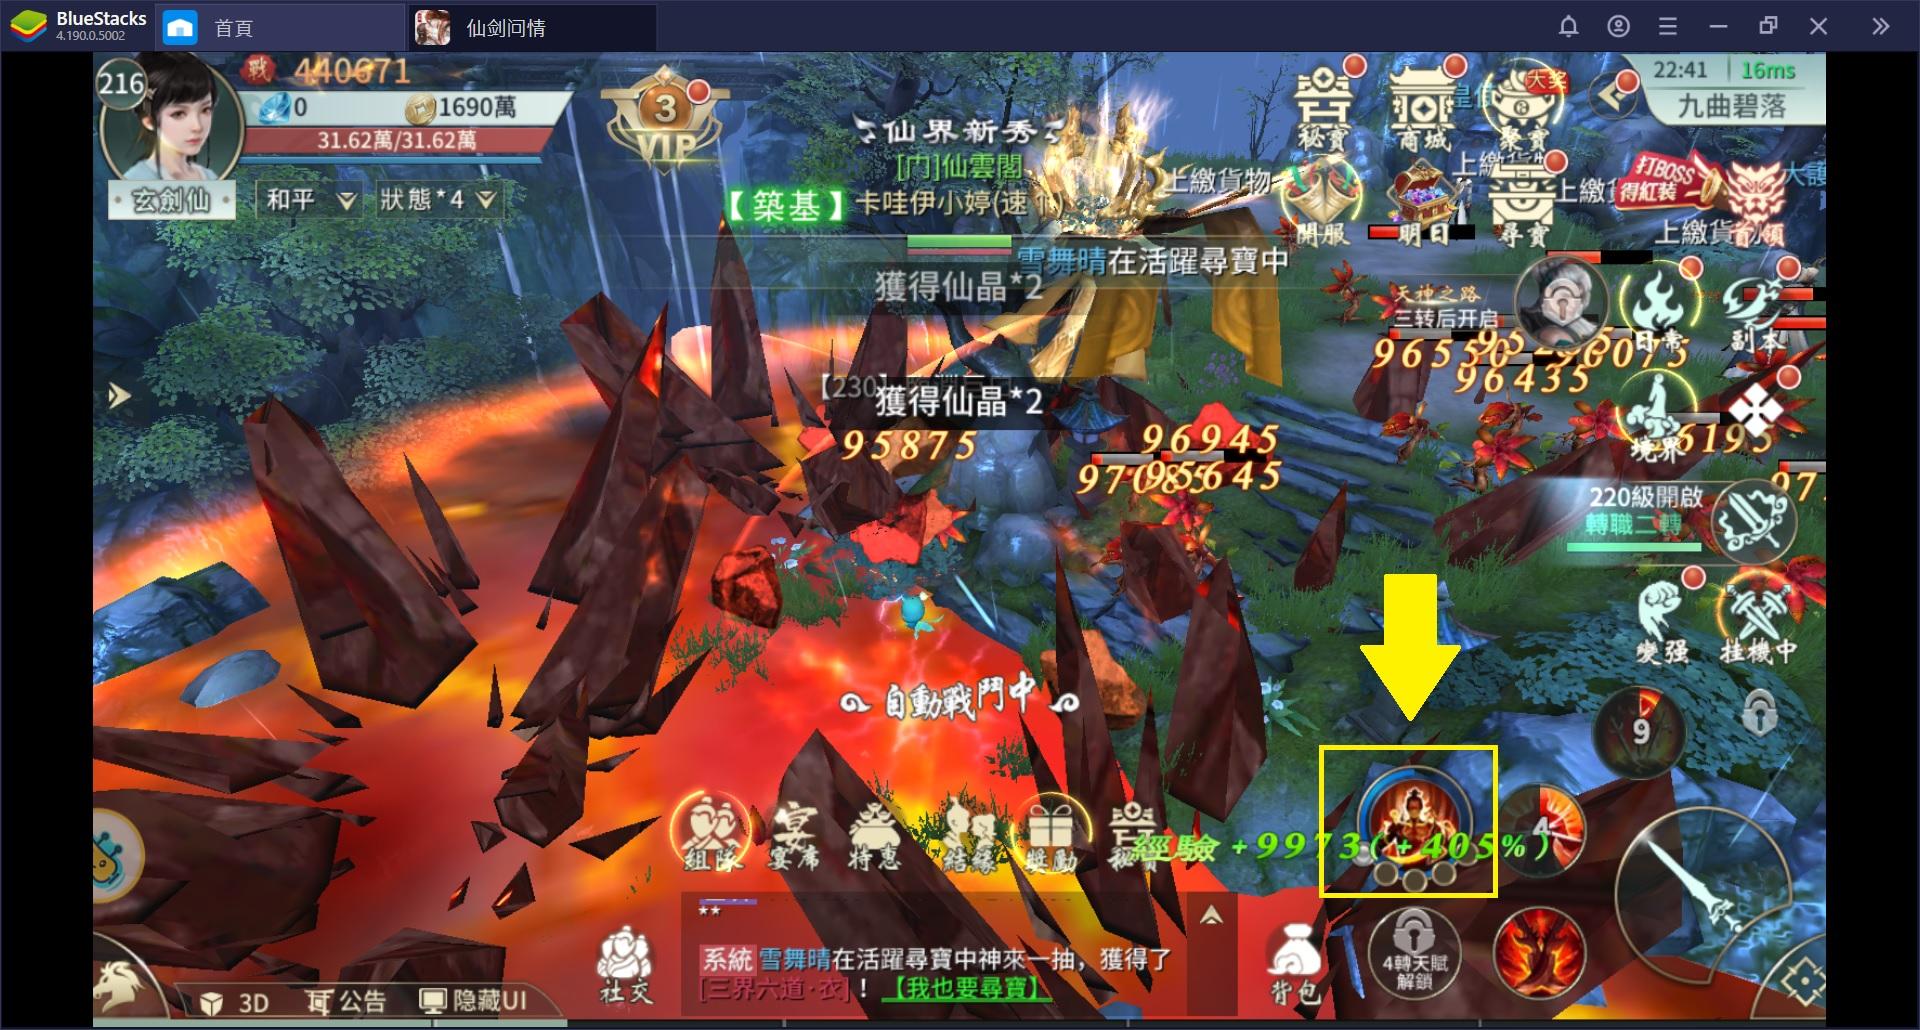 使用BlueStacks在PC上遊玩全新仙俠國風MMOARPG手遊《仙劍問情》